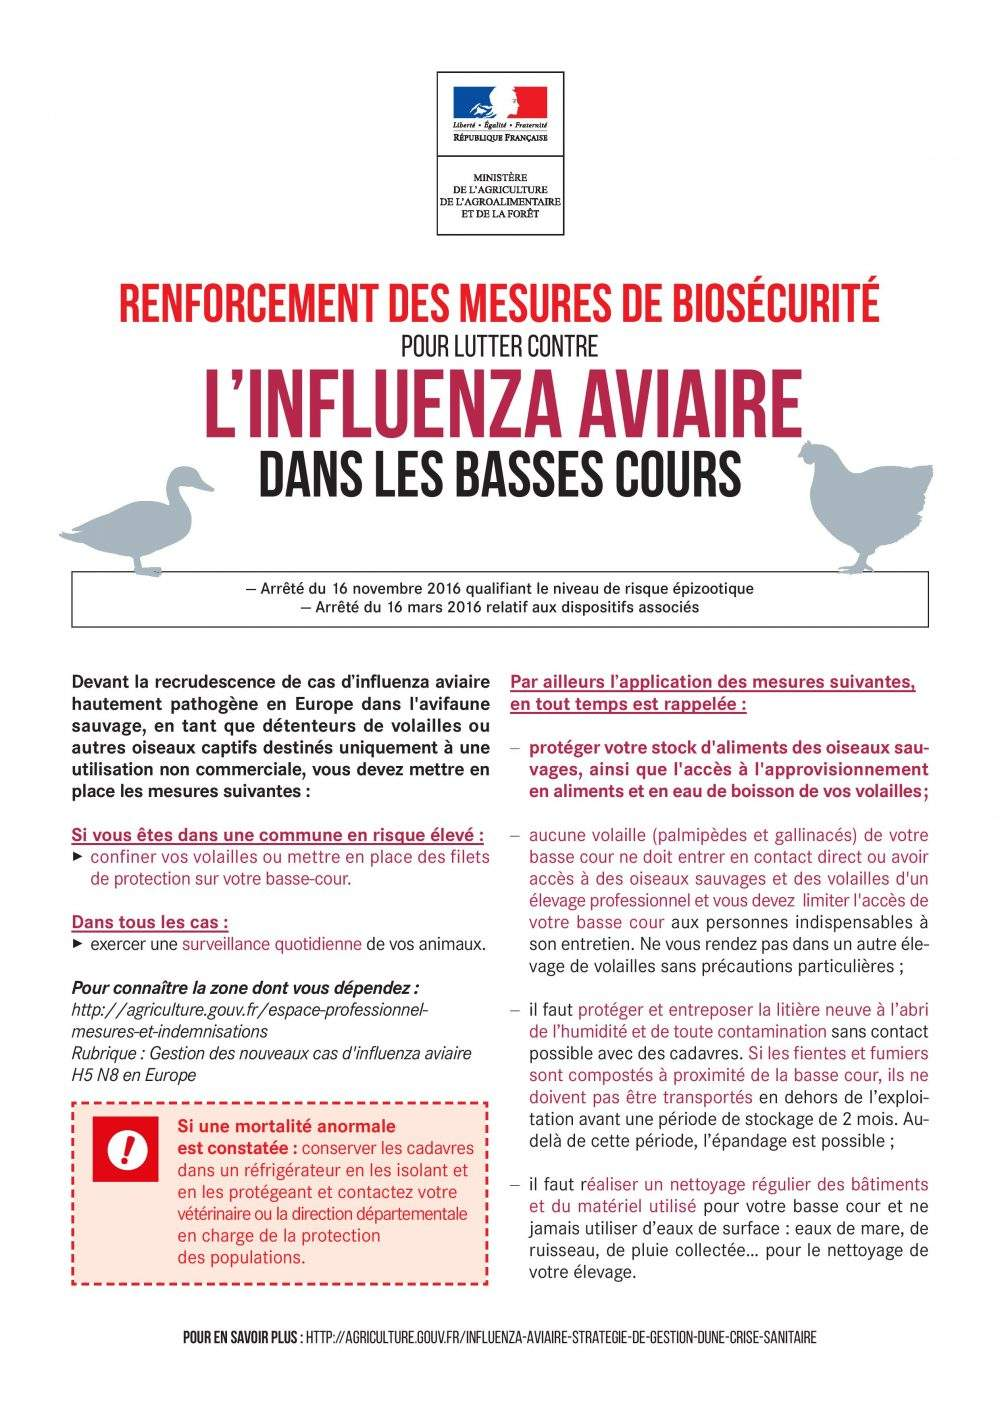 bio sécurité influenza aviaire faucon vaucluse